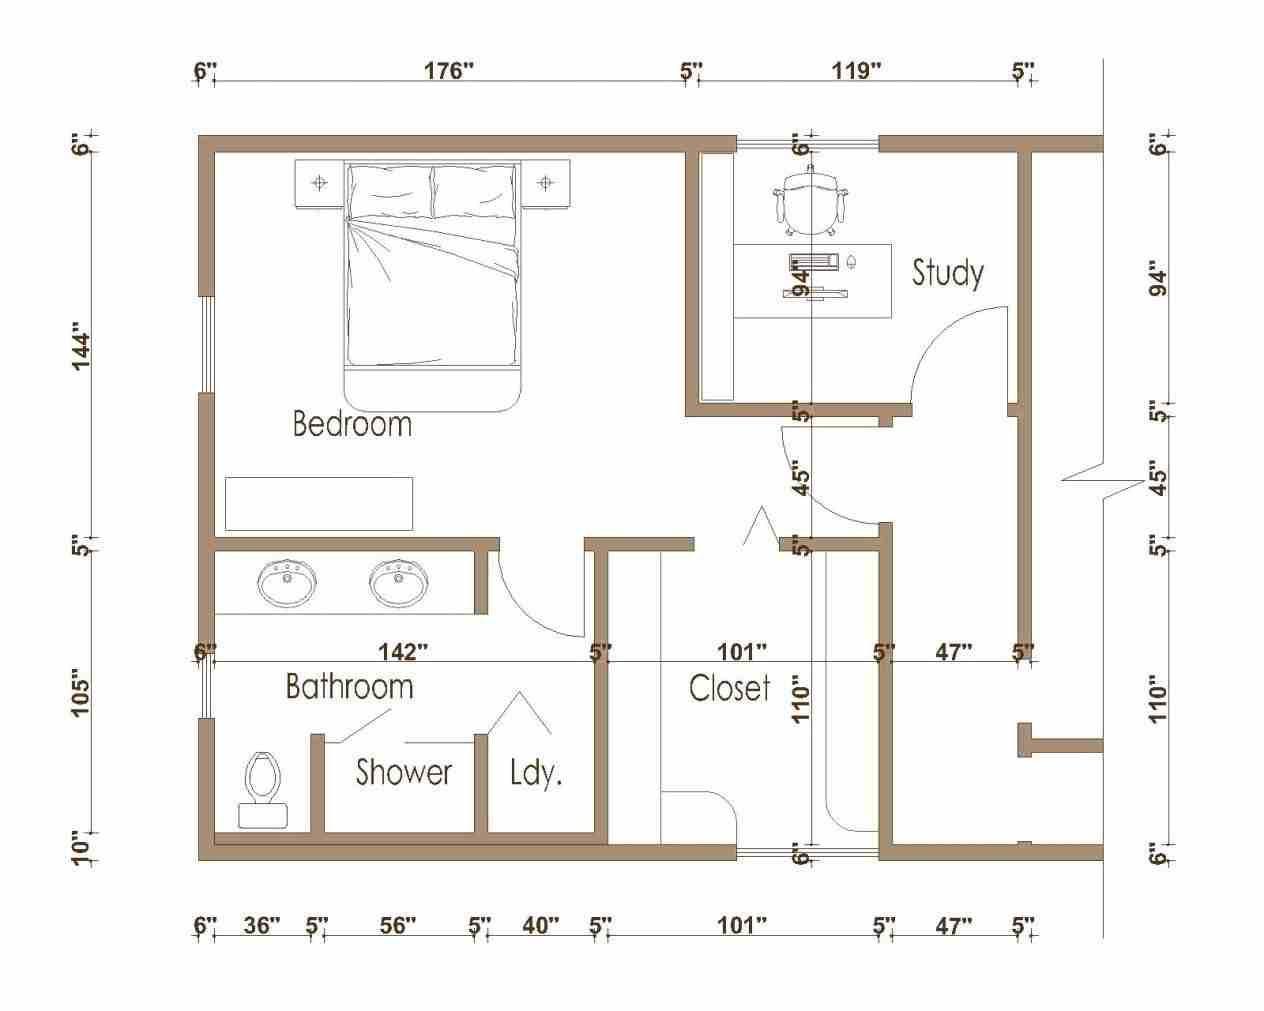 Luxury Master Bedroom Suite Floor Plans Master Bedroom Plans